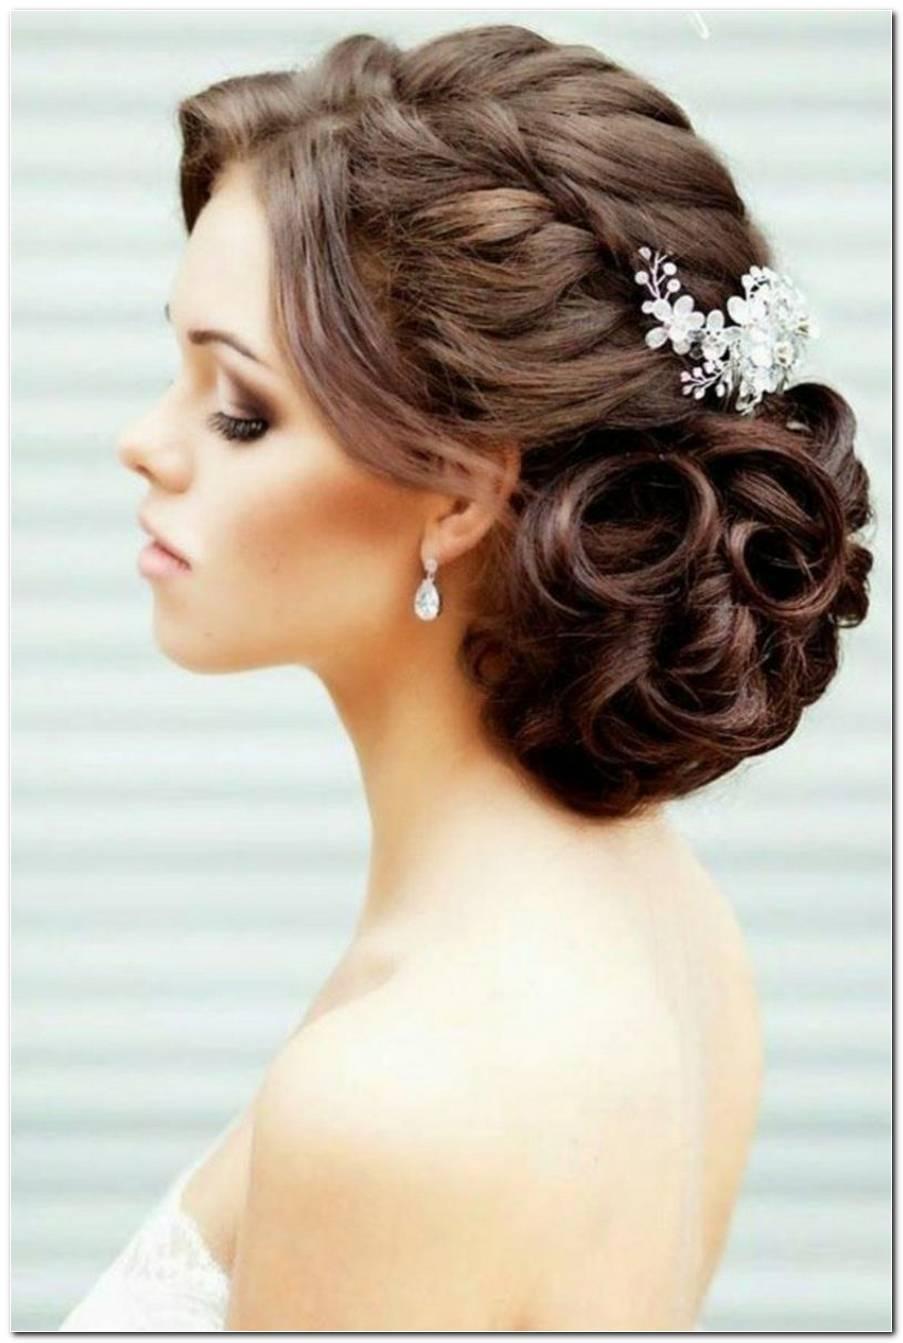 Frisuren FüR Eine Hochzeitsfeier